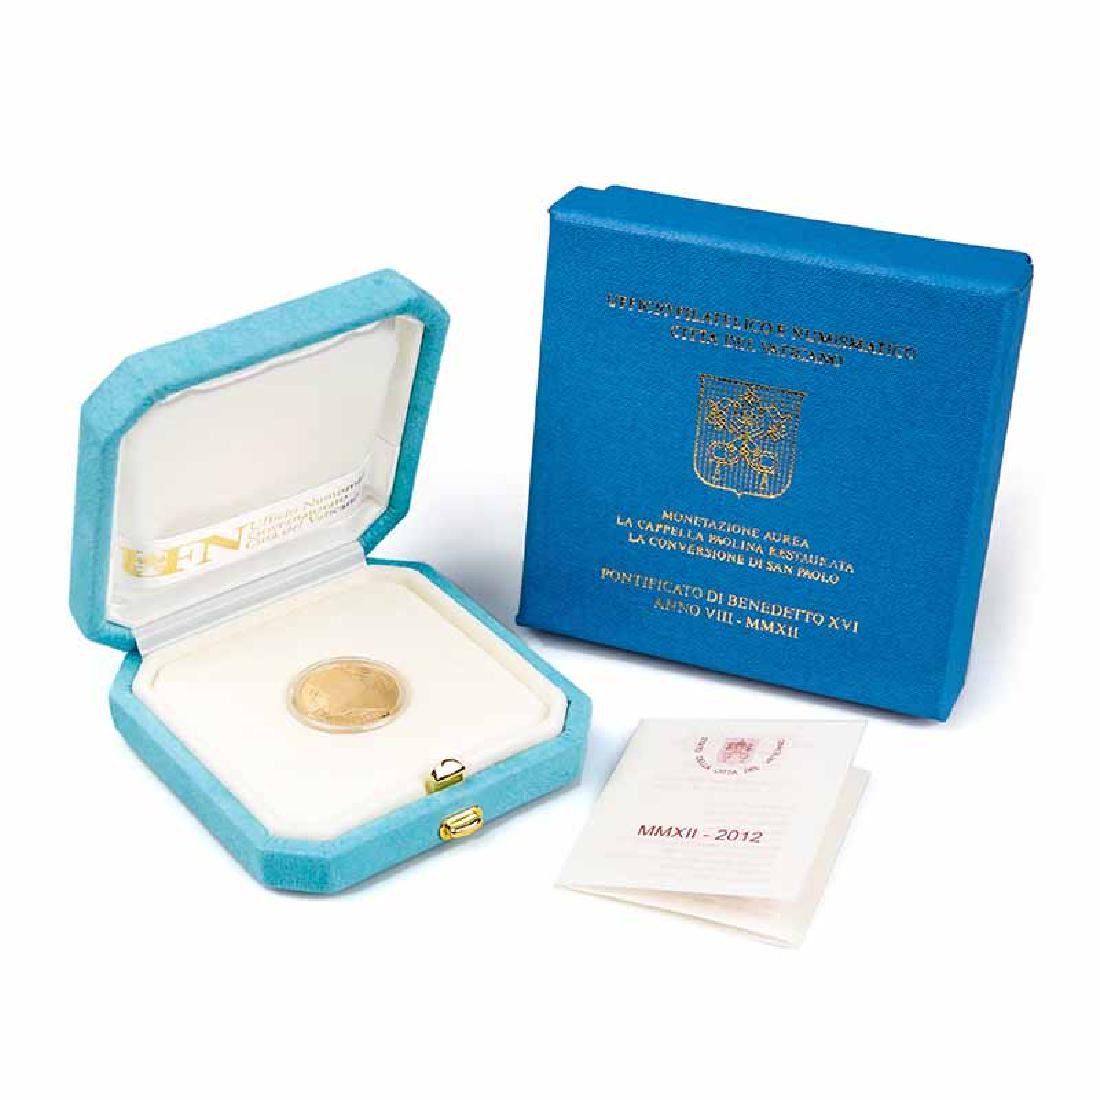 Vatican City 2012 20 Euro Gold Coin